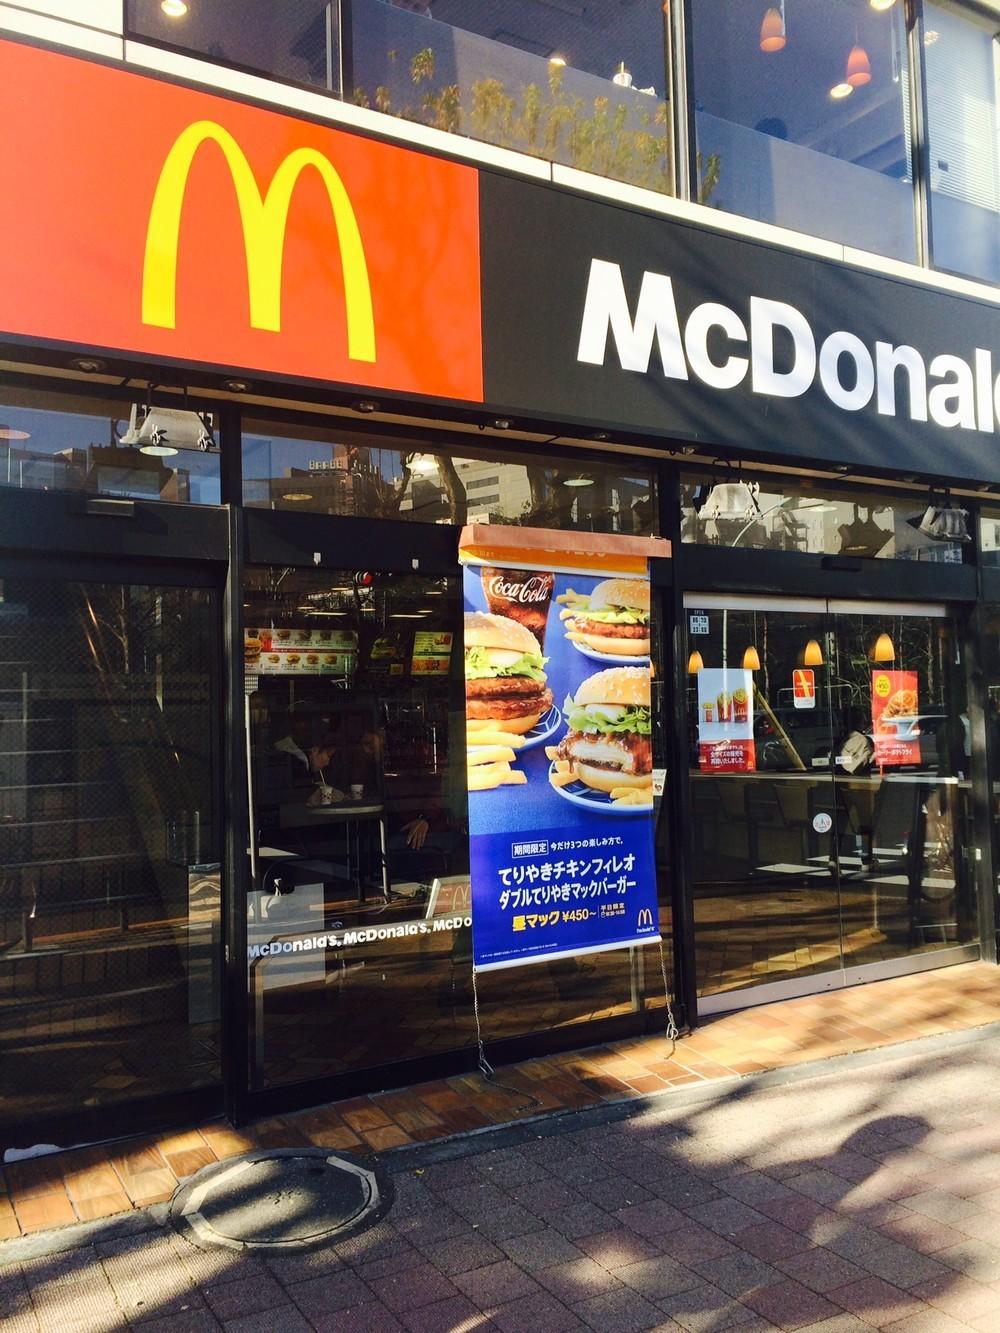 マクドナルド「昼マック」廃止へ 利用客から「完全に迷走」「行くのやめる」と酷評が